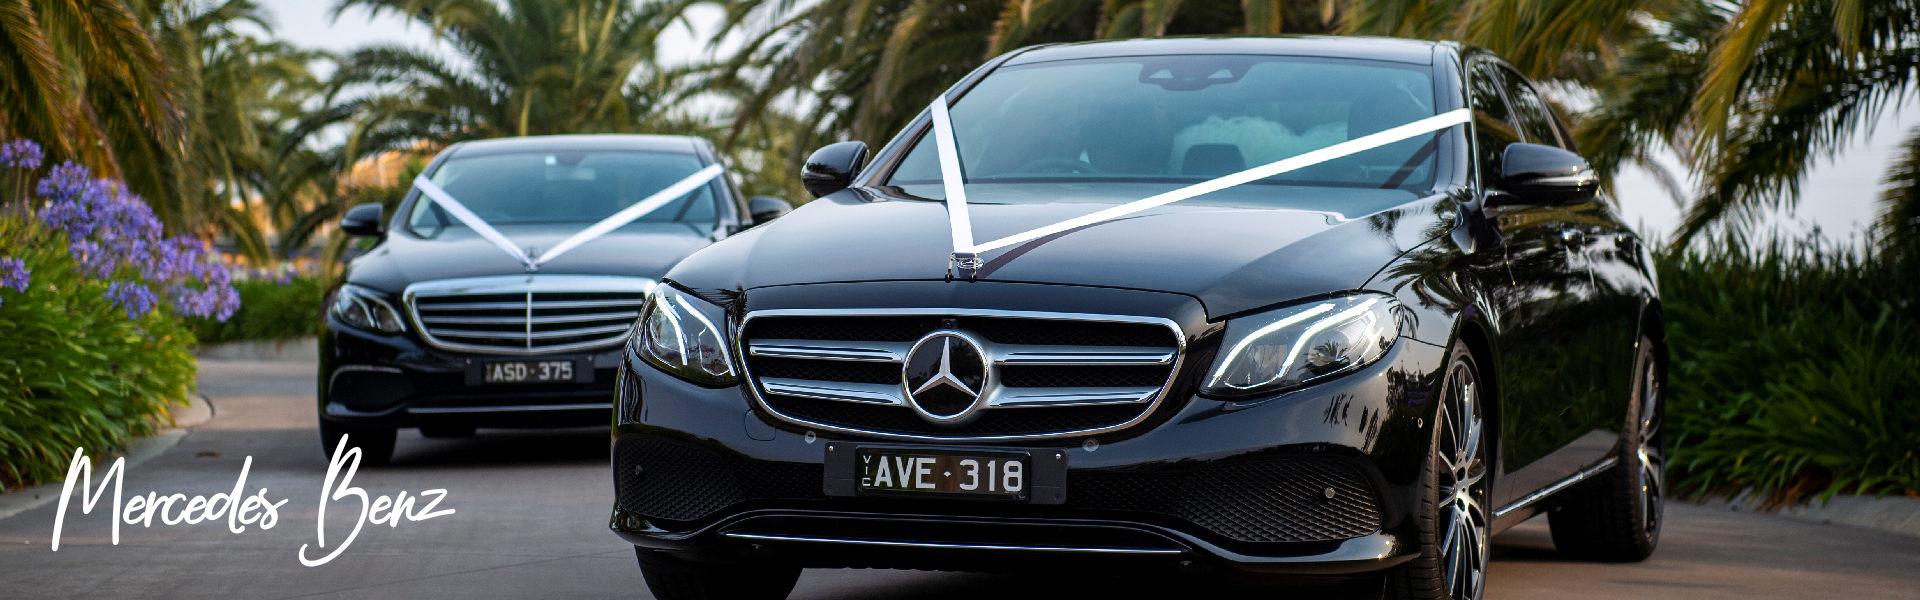 Mercedes Benz Wedding Car Hire V2